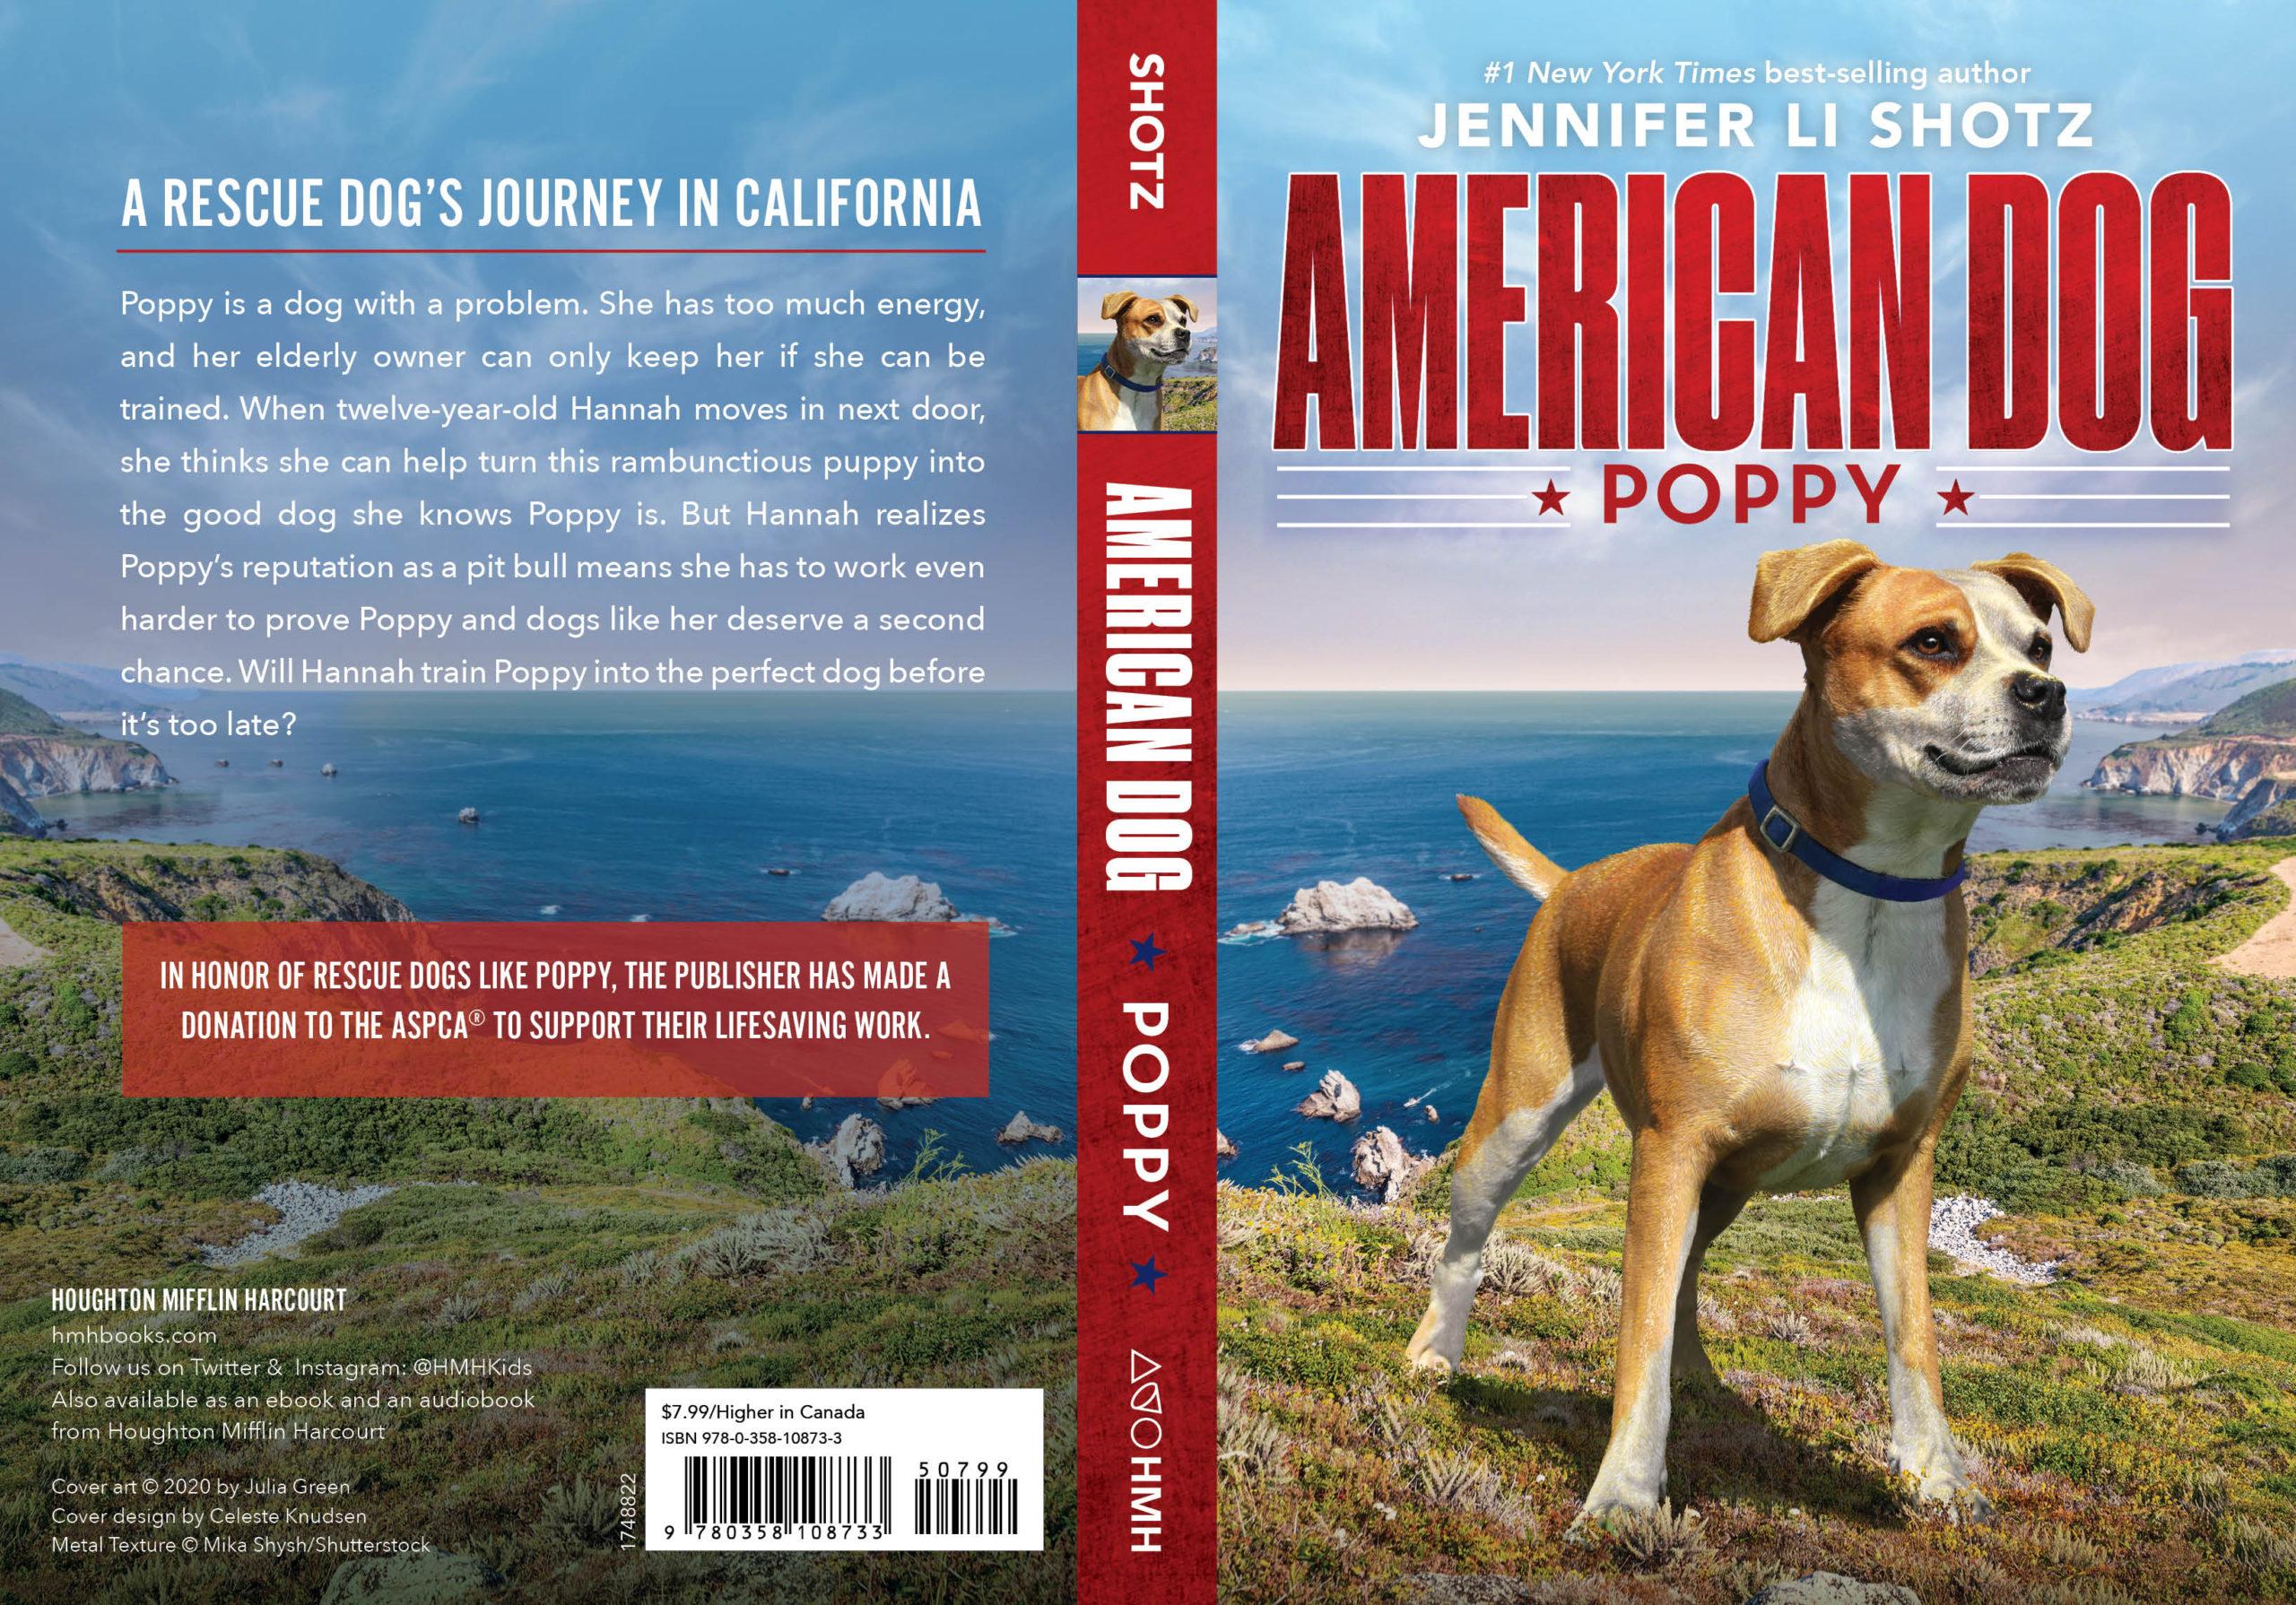 Shotz_AMERICAN-DOG-POPPY_cvr_3p_edit